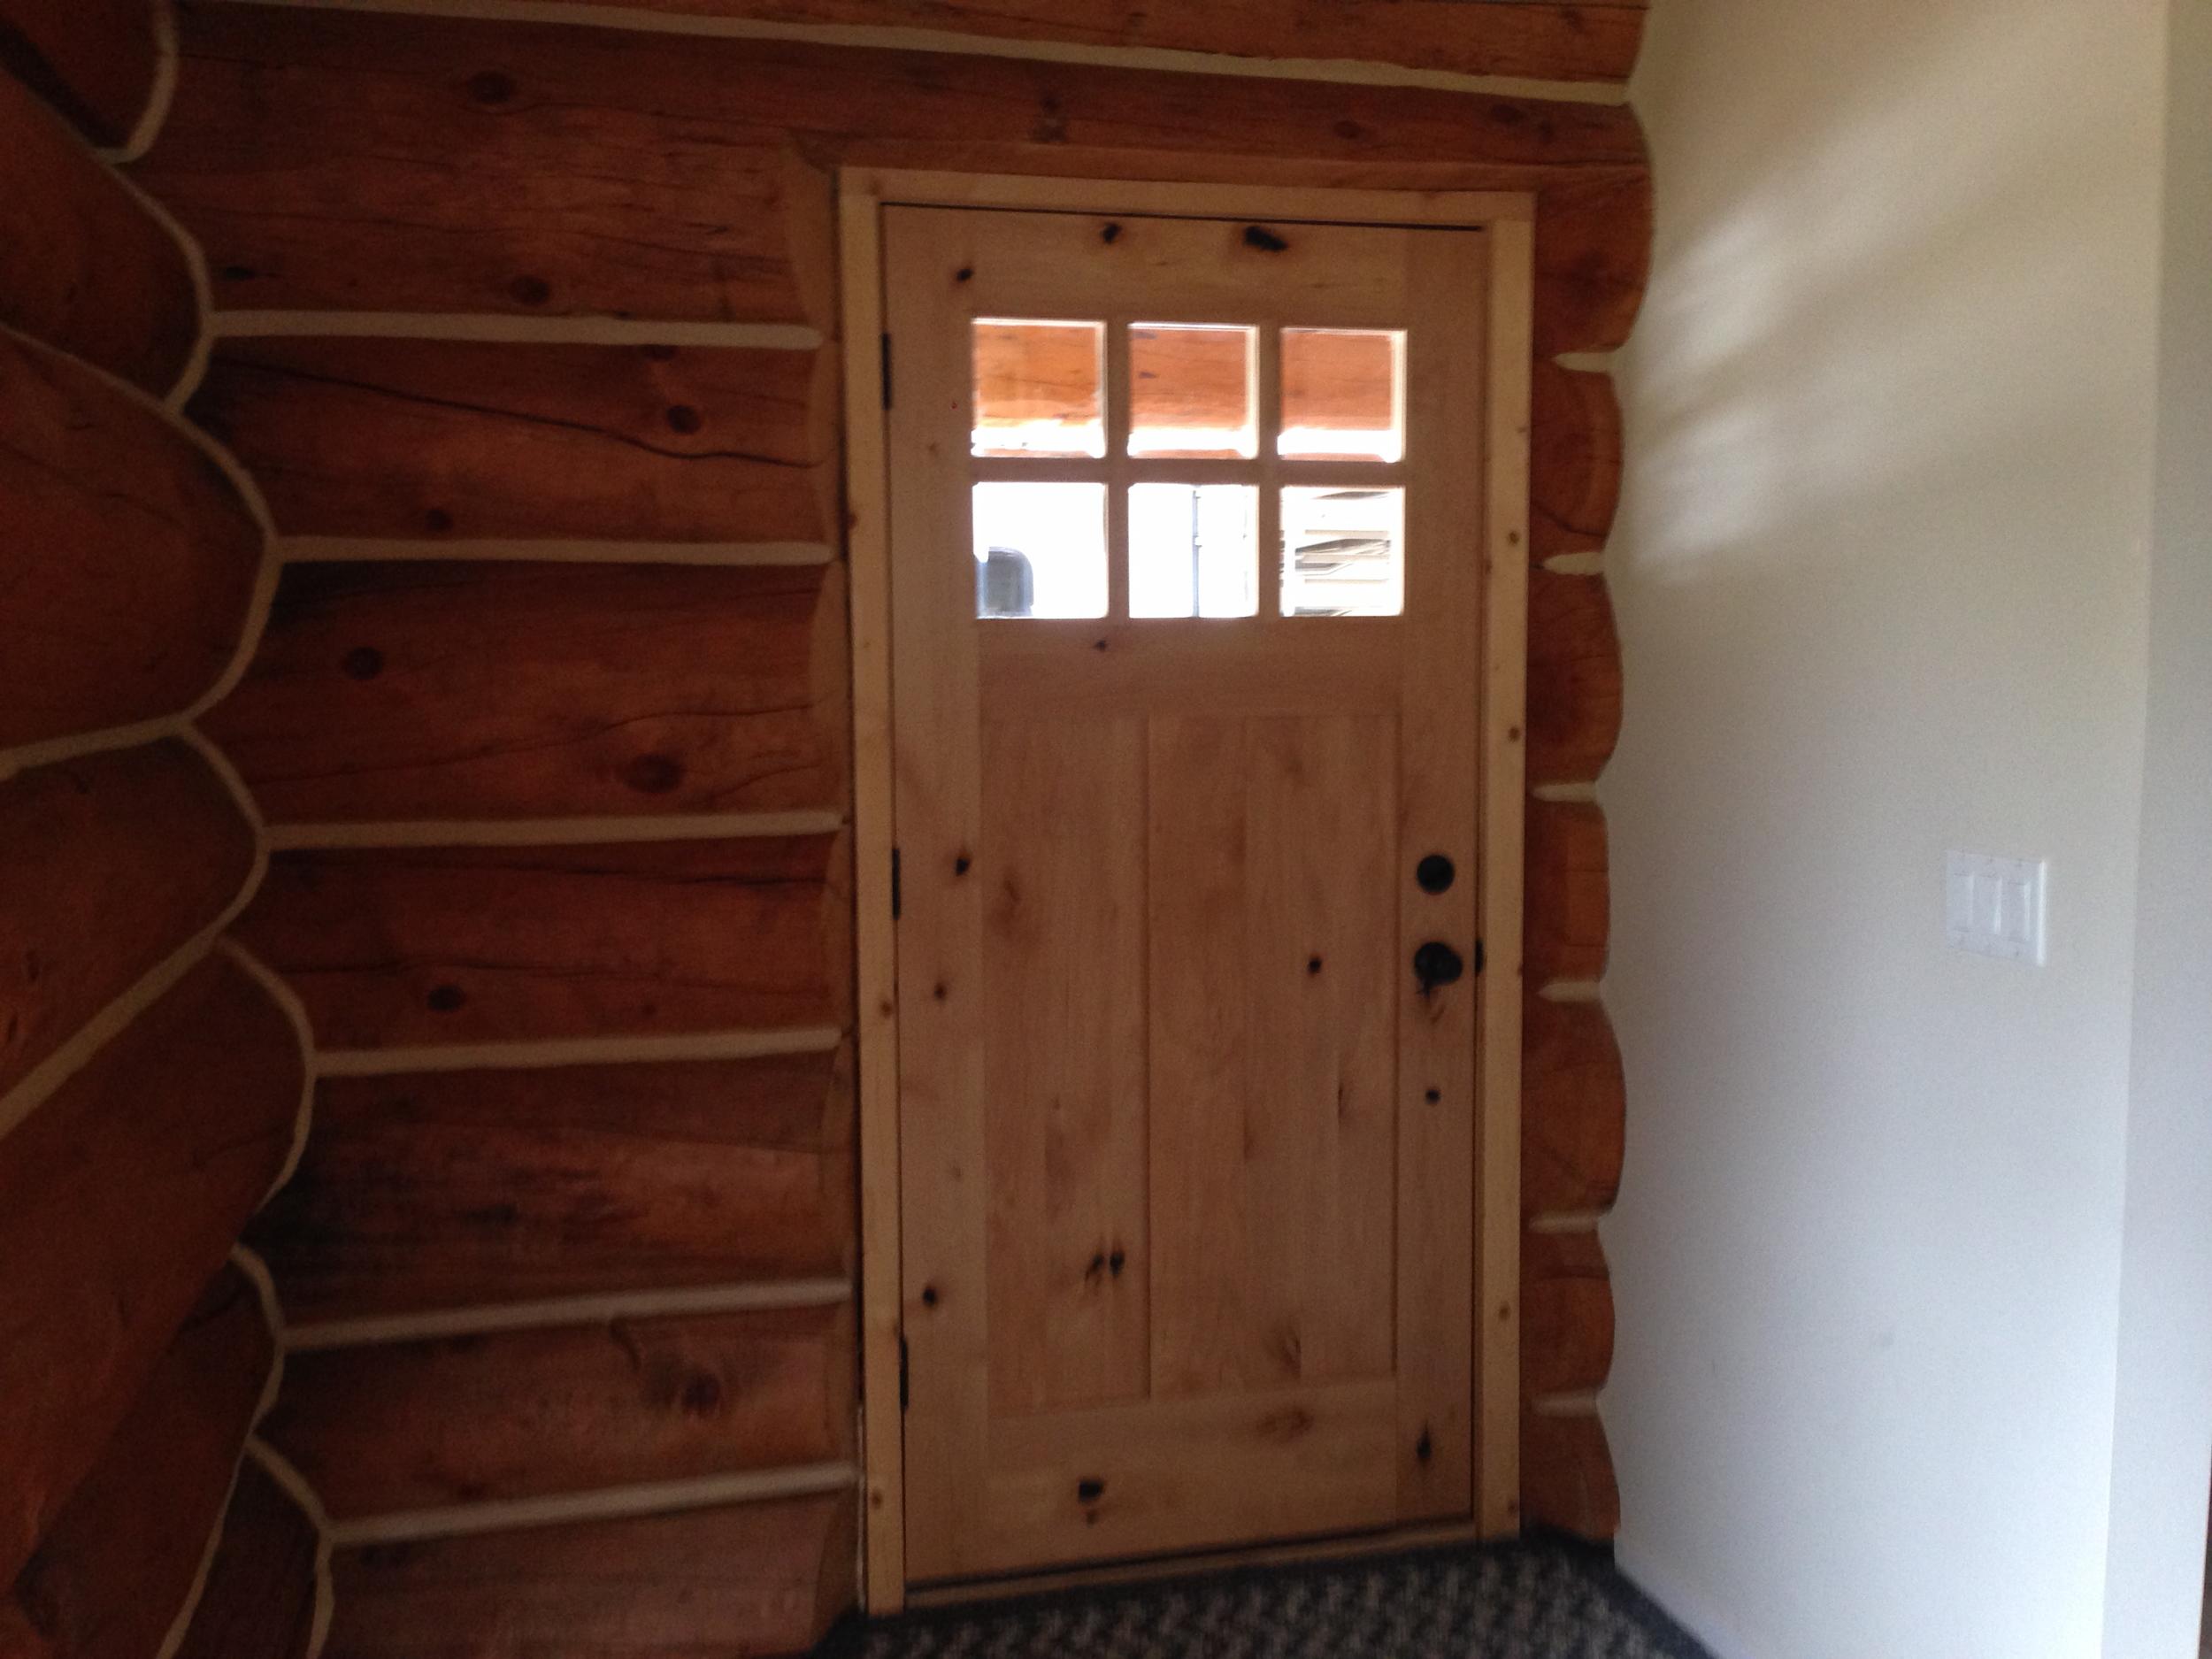 The inside of the front door.